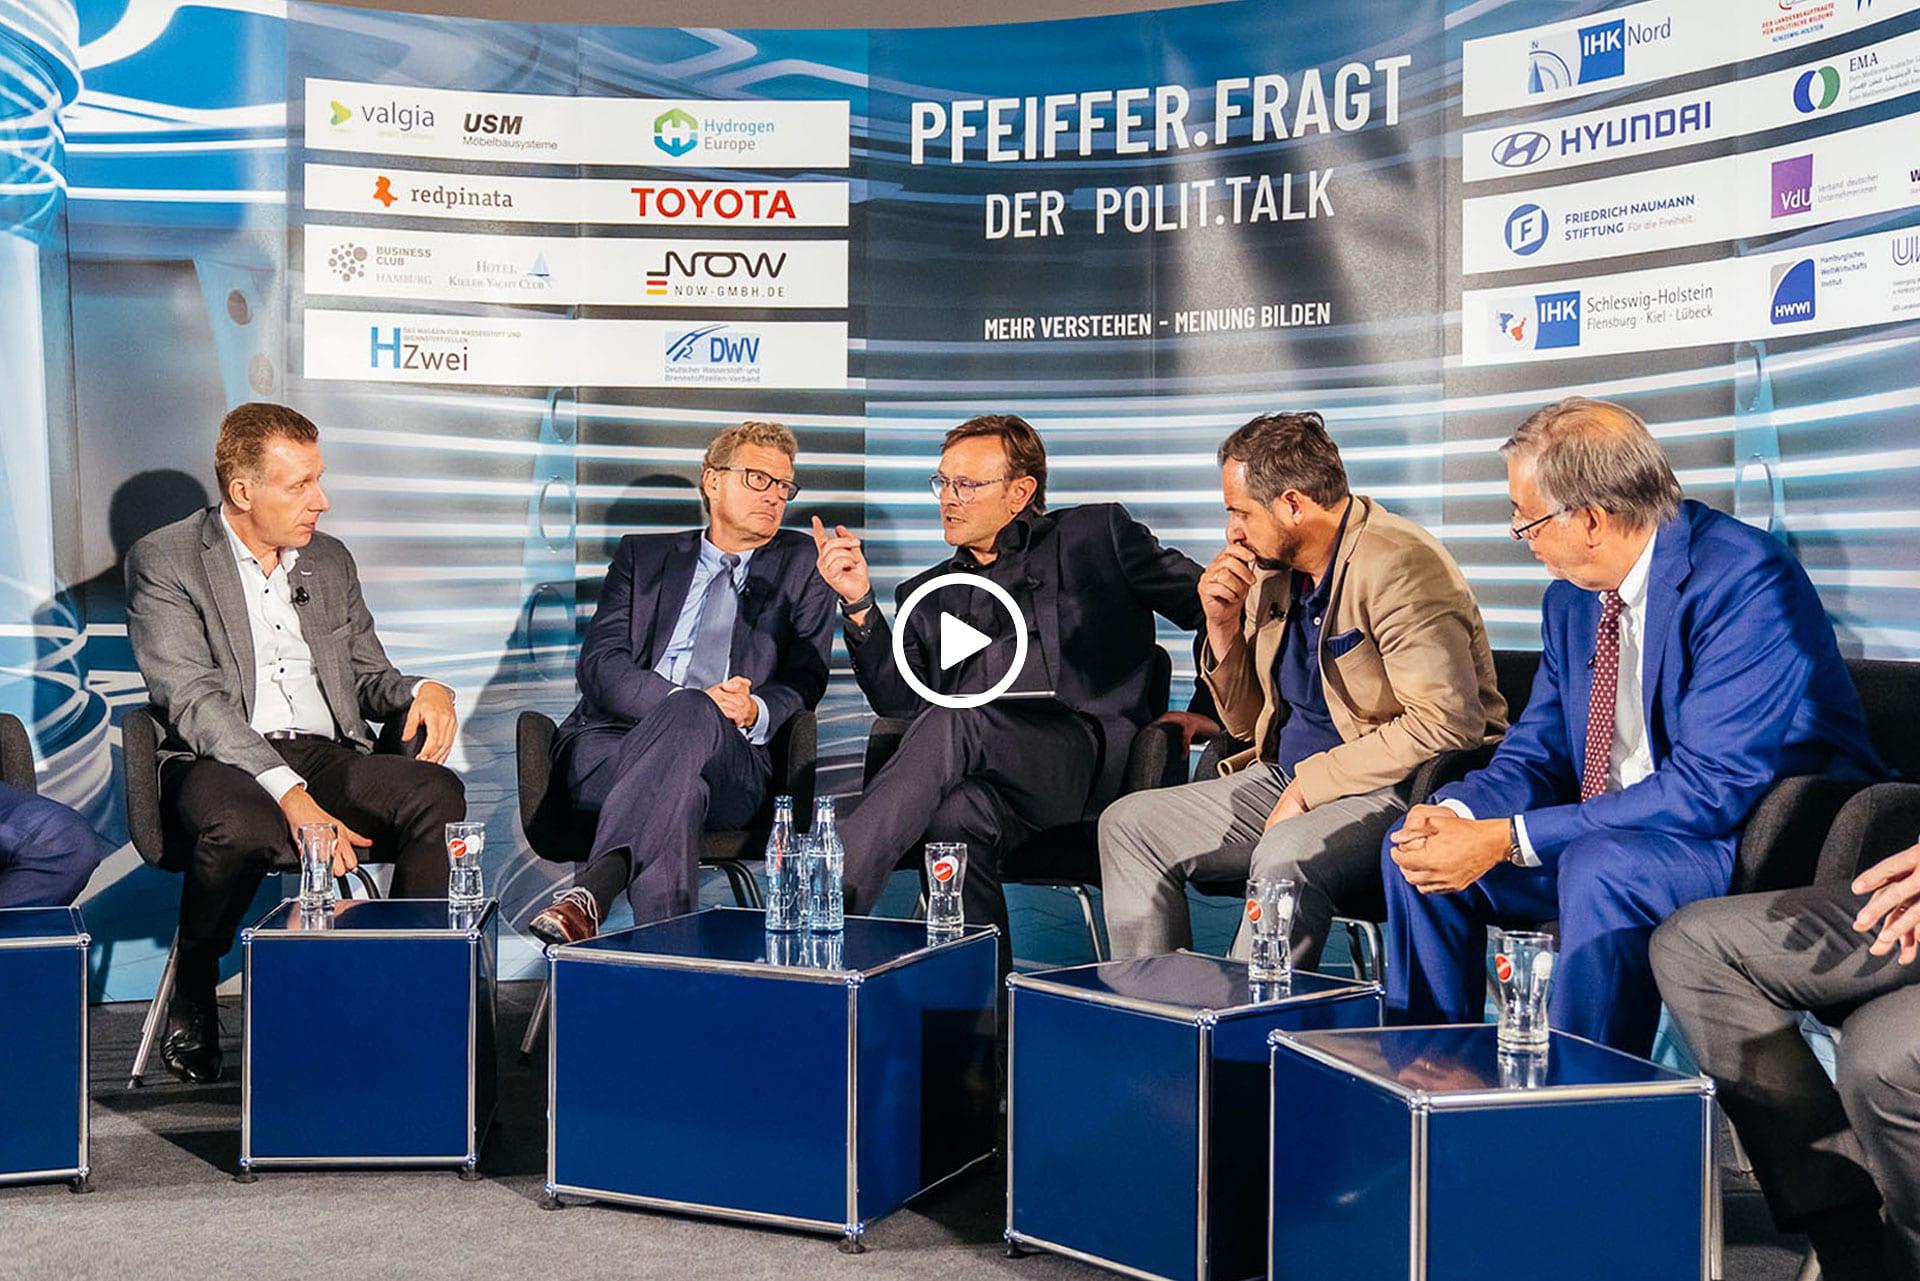 pfeiffer-fragt-der-polit-talk-wunderwaffe-wasserstoff-energiewende-klimawandel-17-7-2019